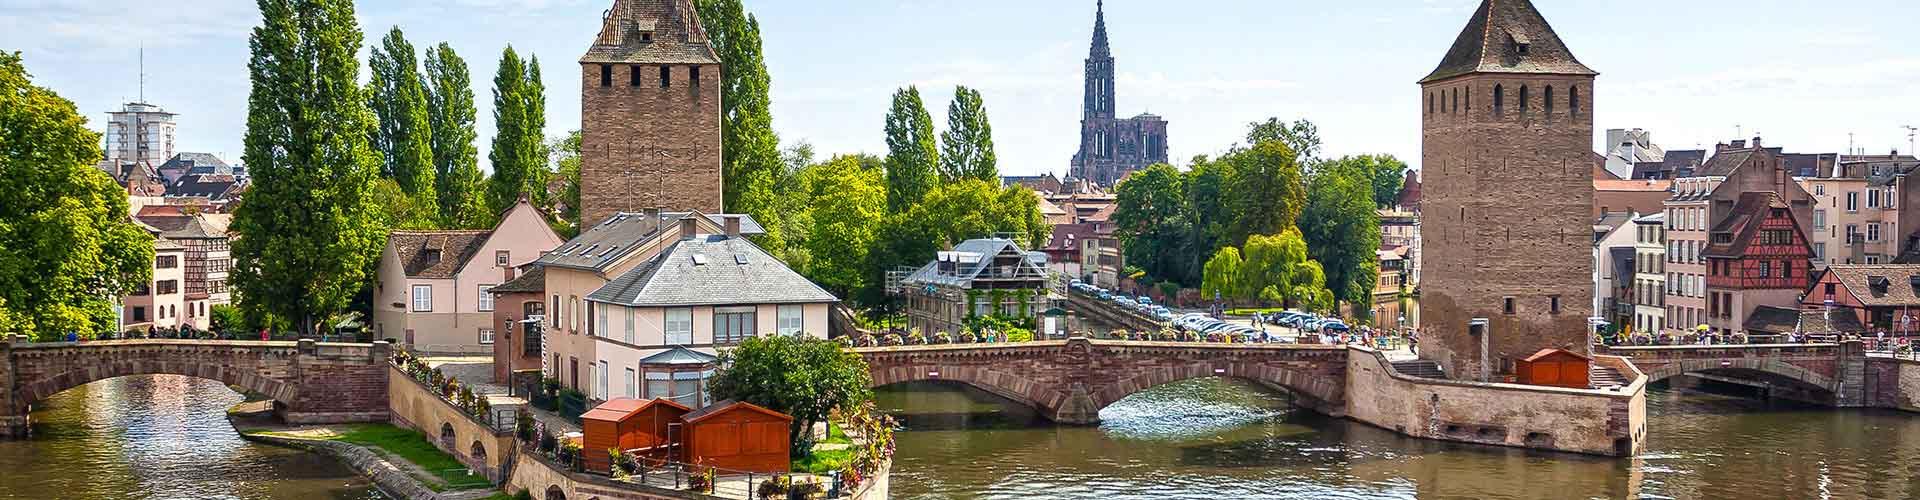 Estrasburgo - Habitaciones en el distrito Koenigshoffen/Montagne-Verte. Mapas de Estrasburgo, Fotos y comentarios de cada Habitación en Estrasburgo.